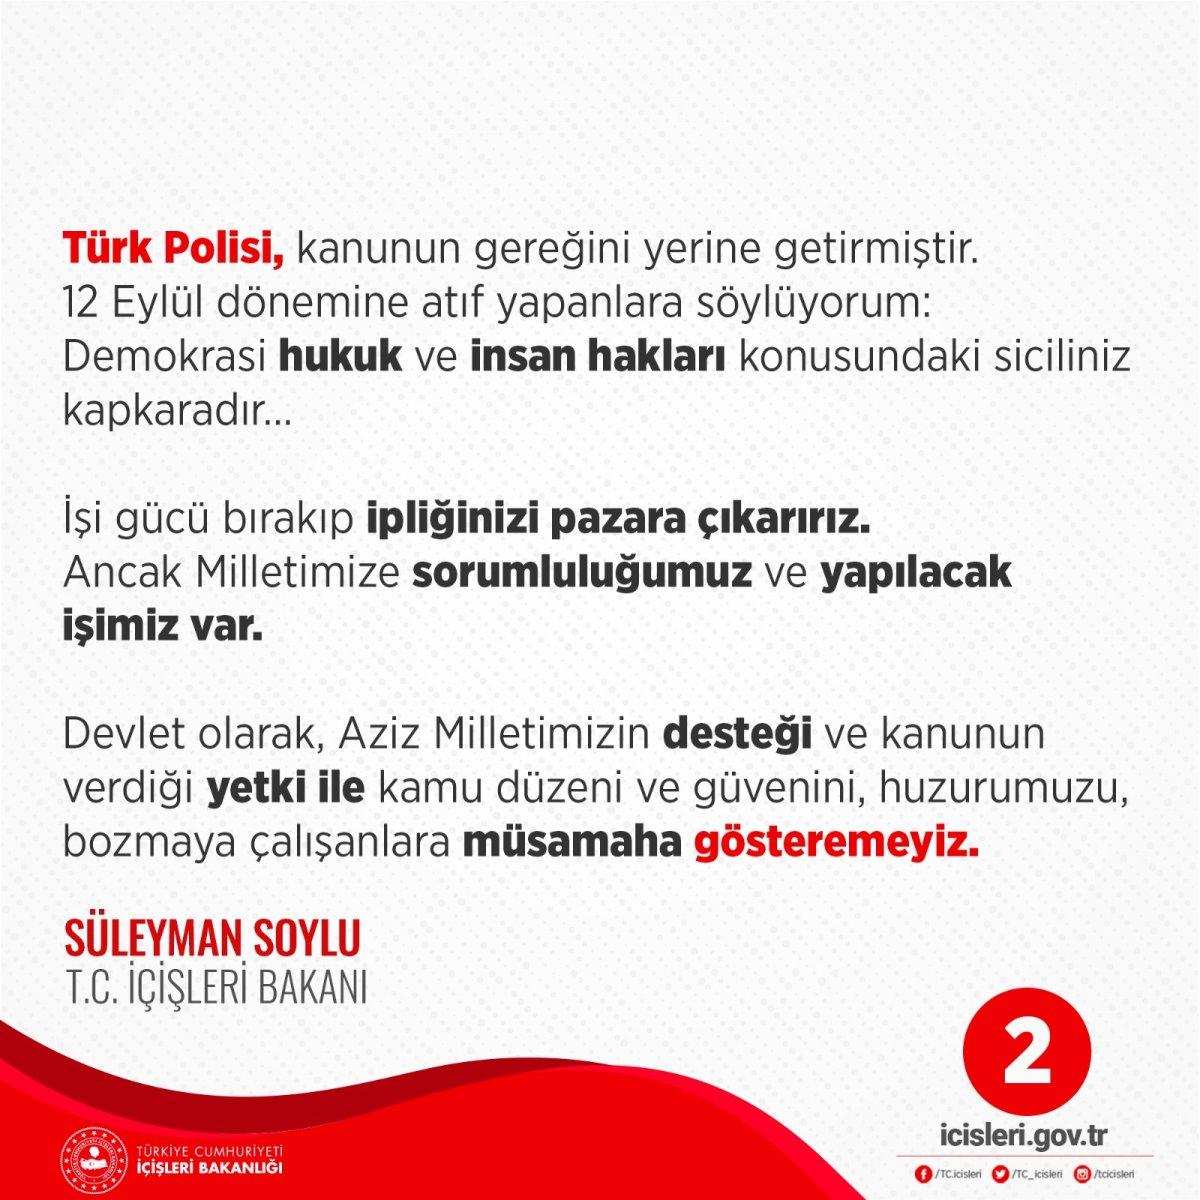 Süleyman Soylu: Türk Polisi, doğru yapmıştır #2